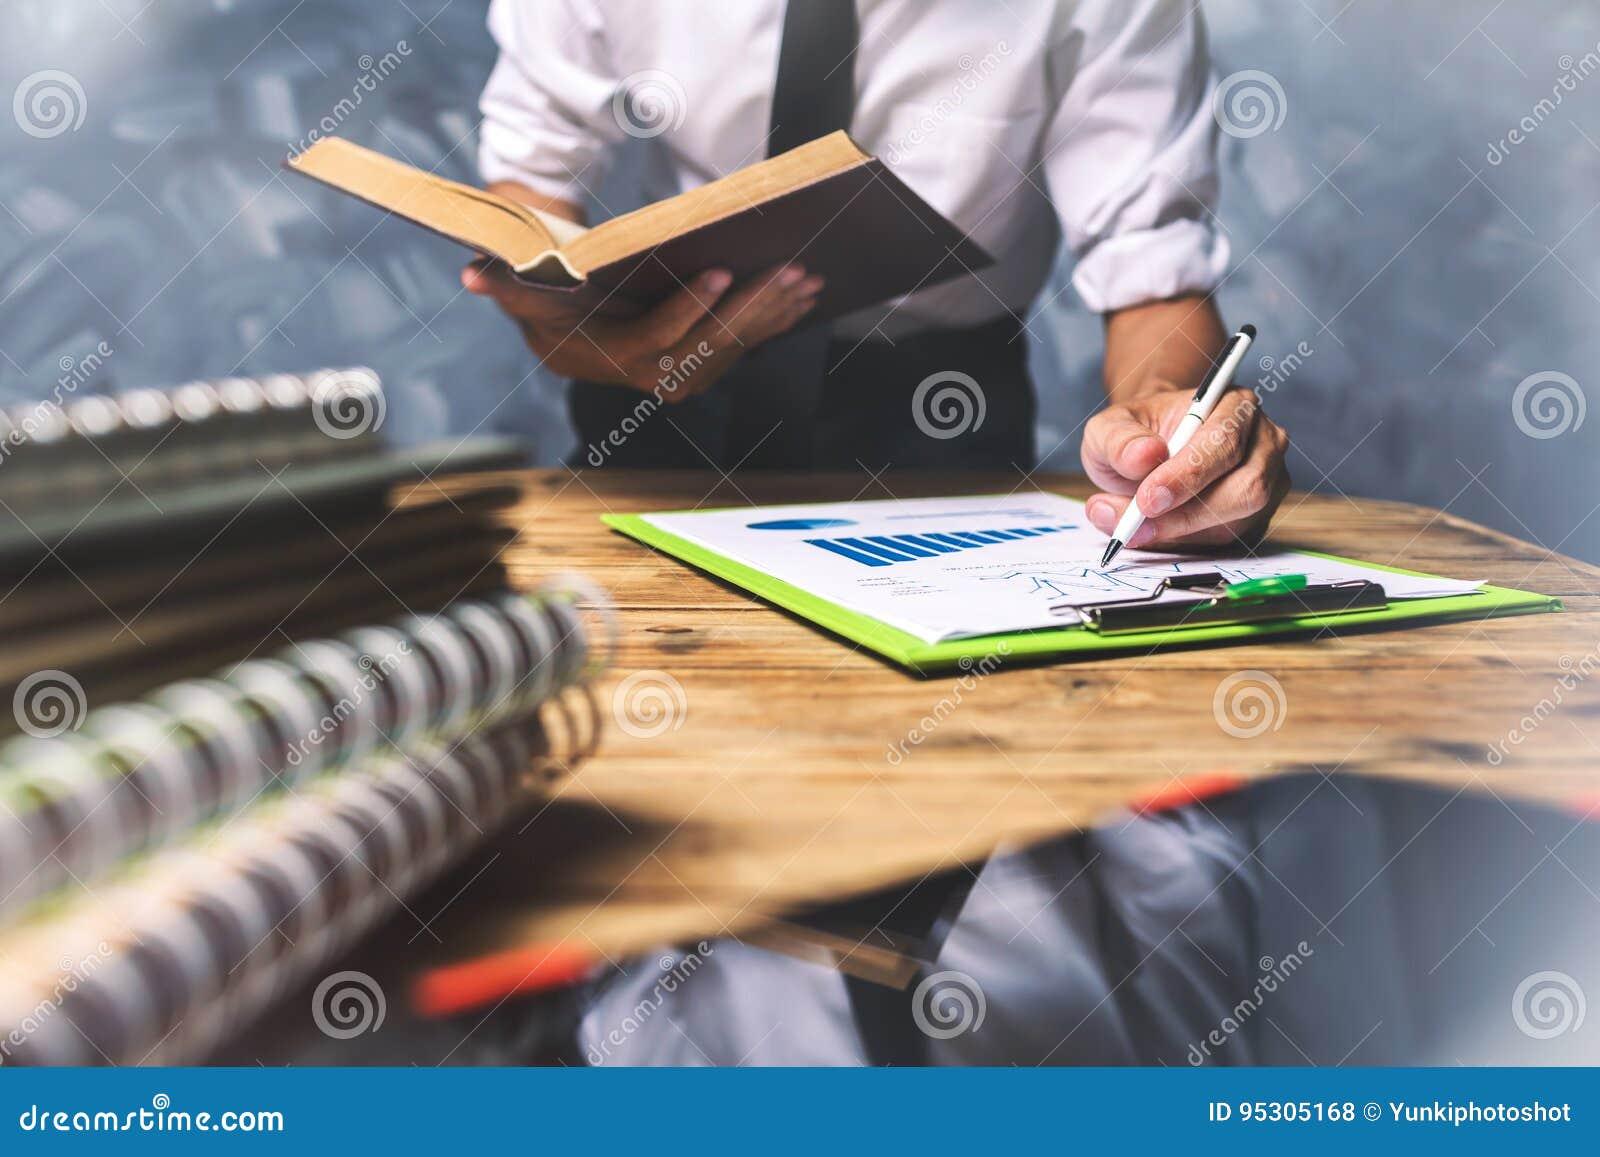 Молодой бизнесмен юриста работая трудная верхняя помощь его острословие клиента